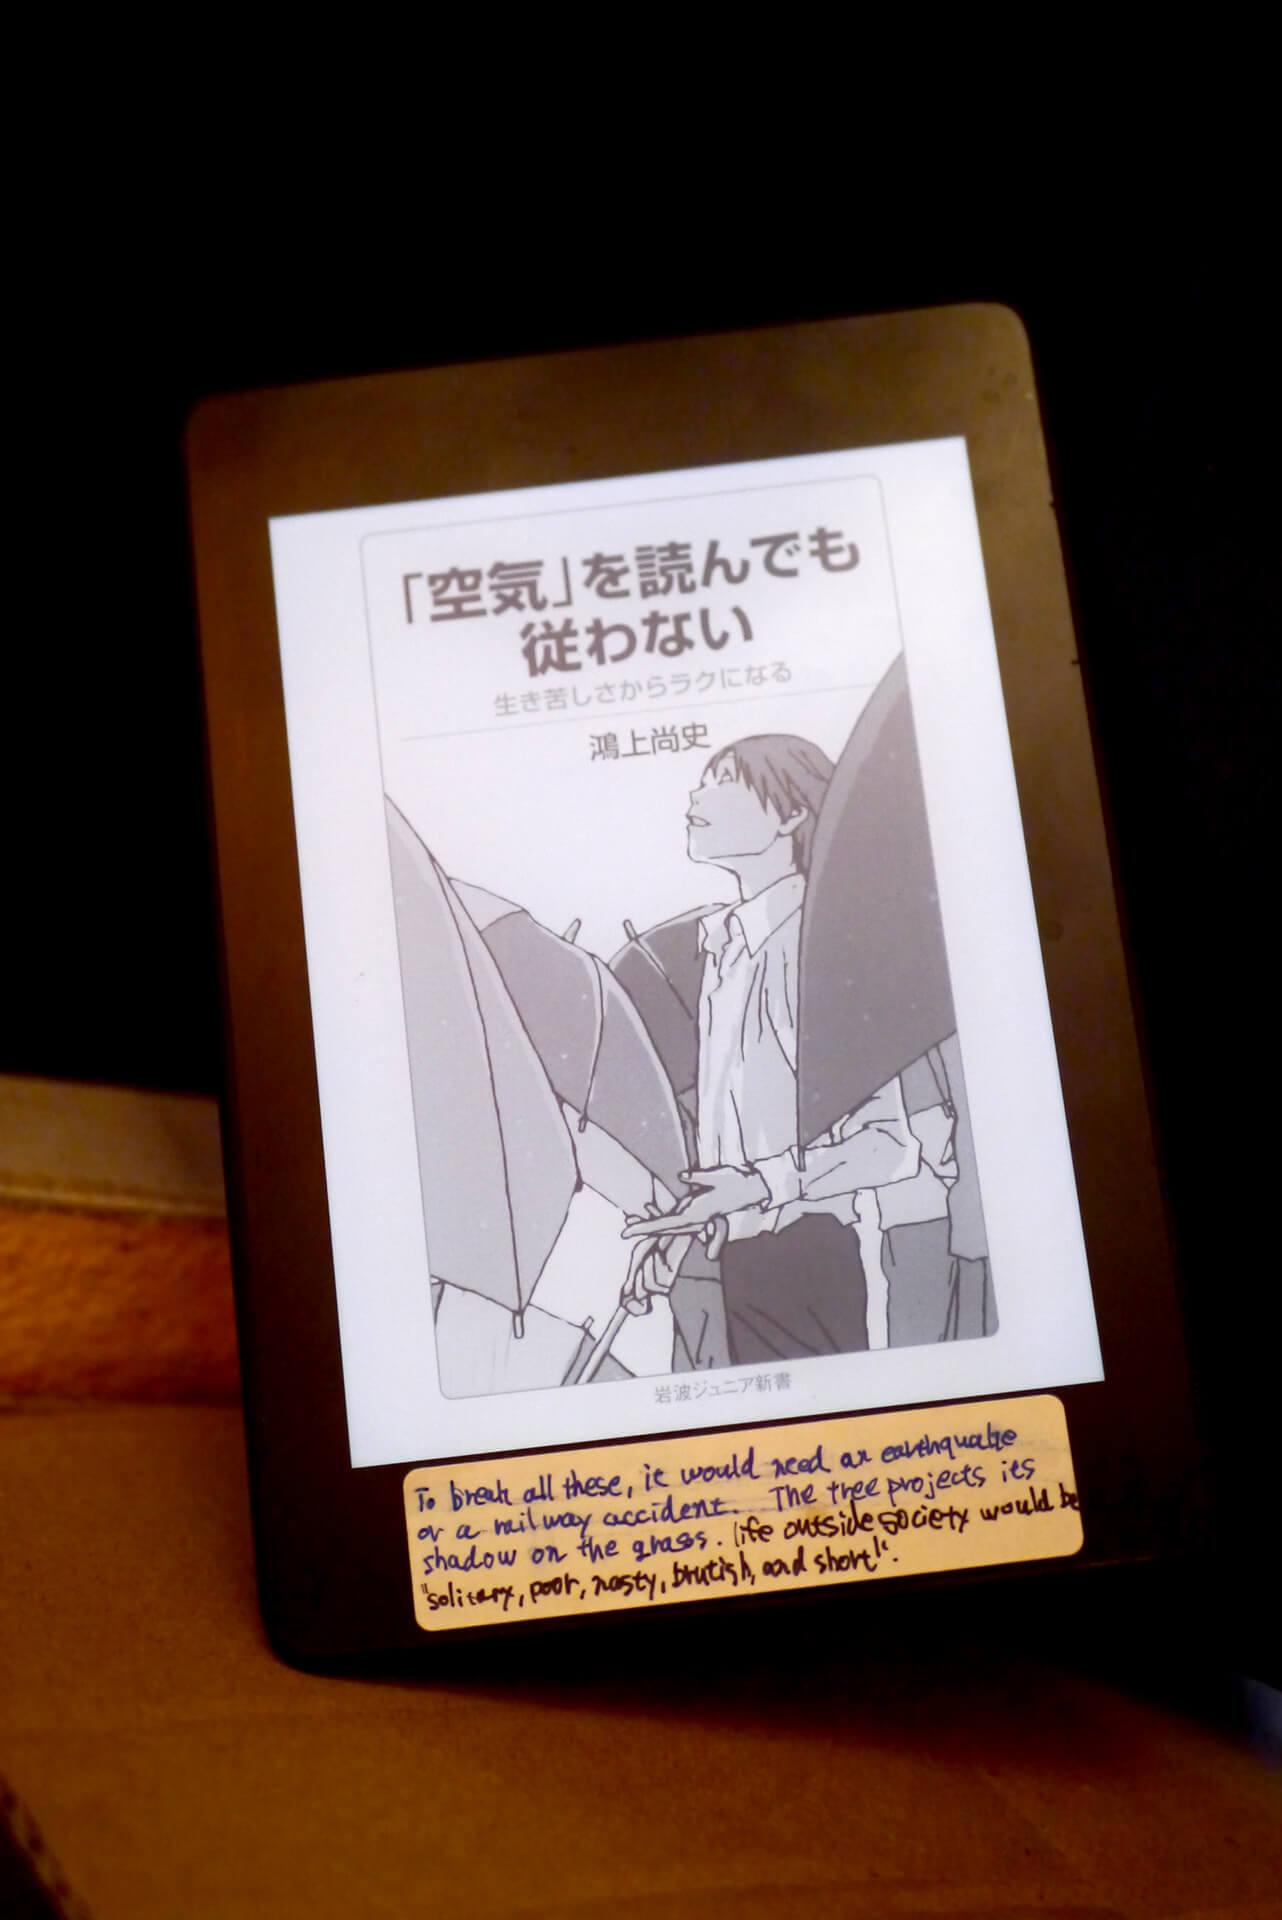 書籍「空気」を読んでも従わない 生き苦しさからラクになる(岩波書店/鴻上 尚史)」の表紙画像